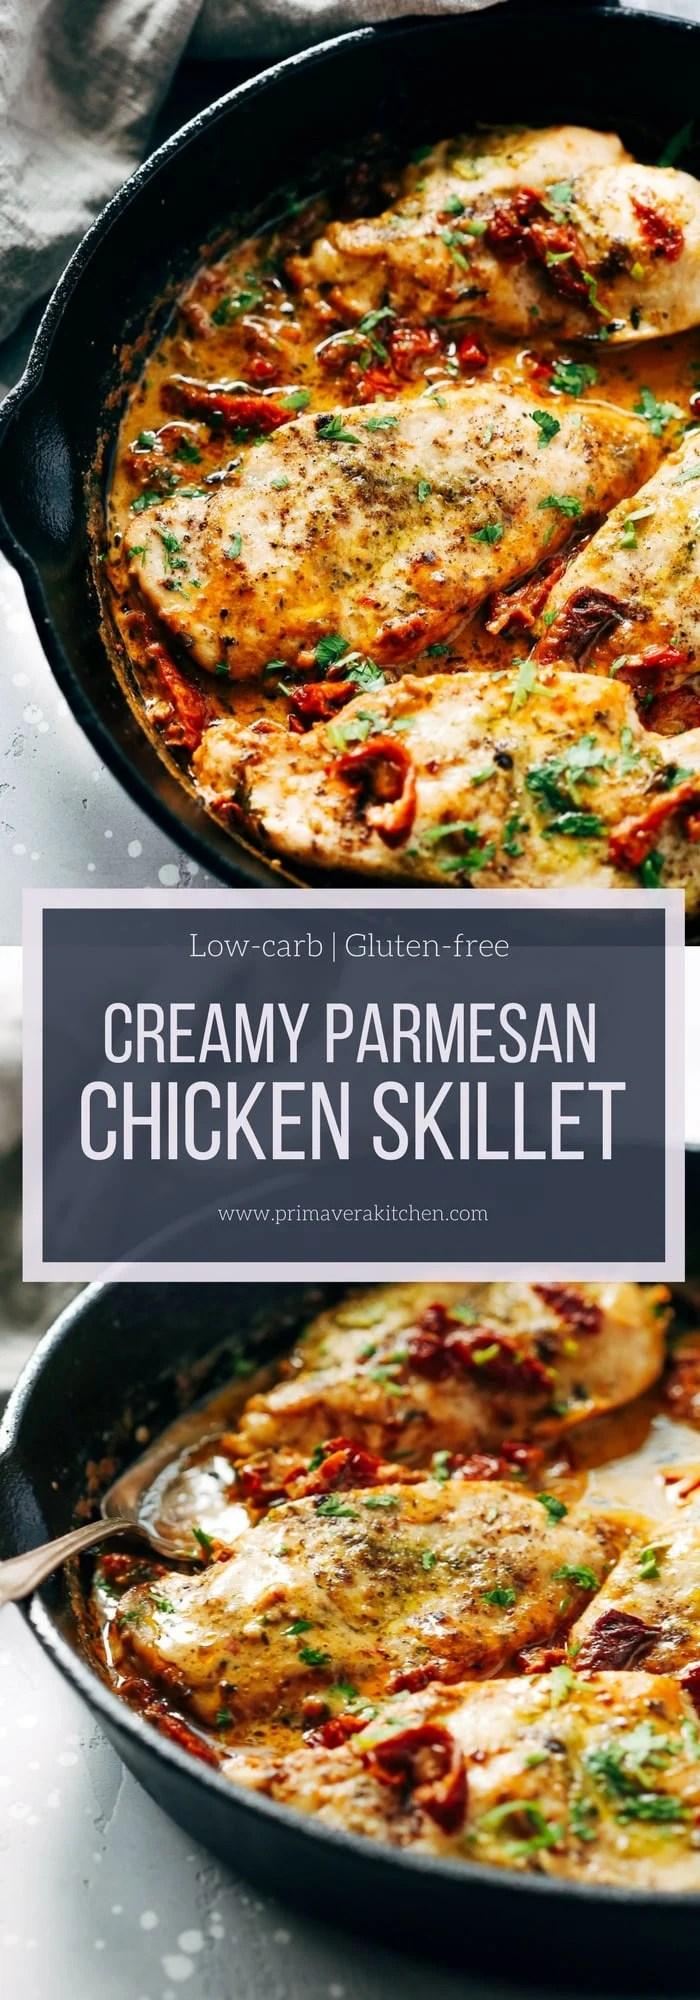 Creamy Parmesan Chicken Skillet Primavera Kitchen Recipe